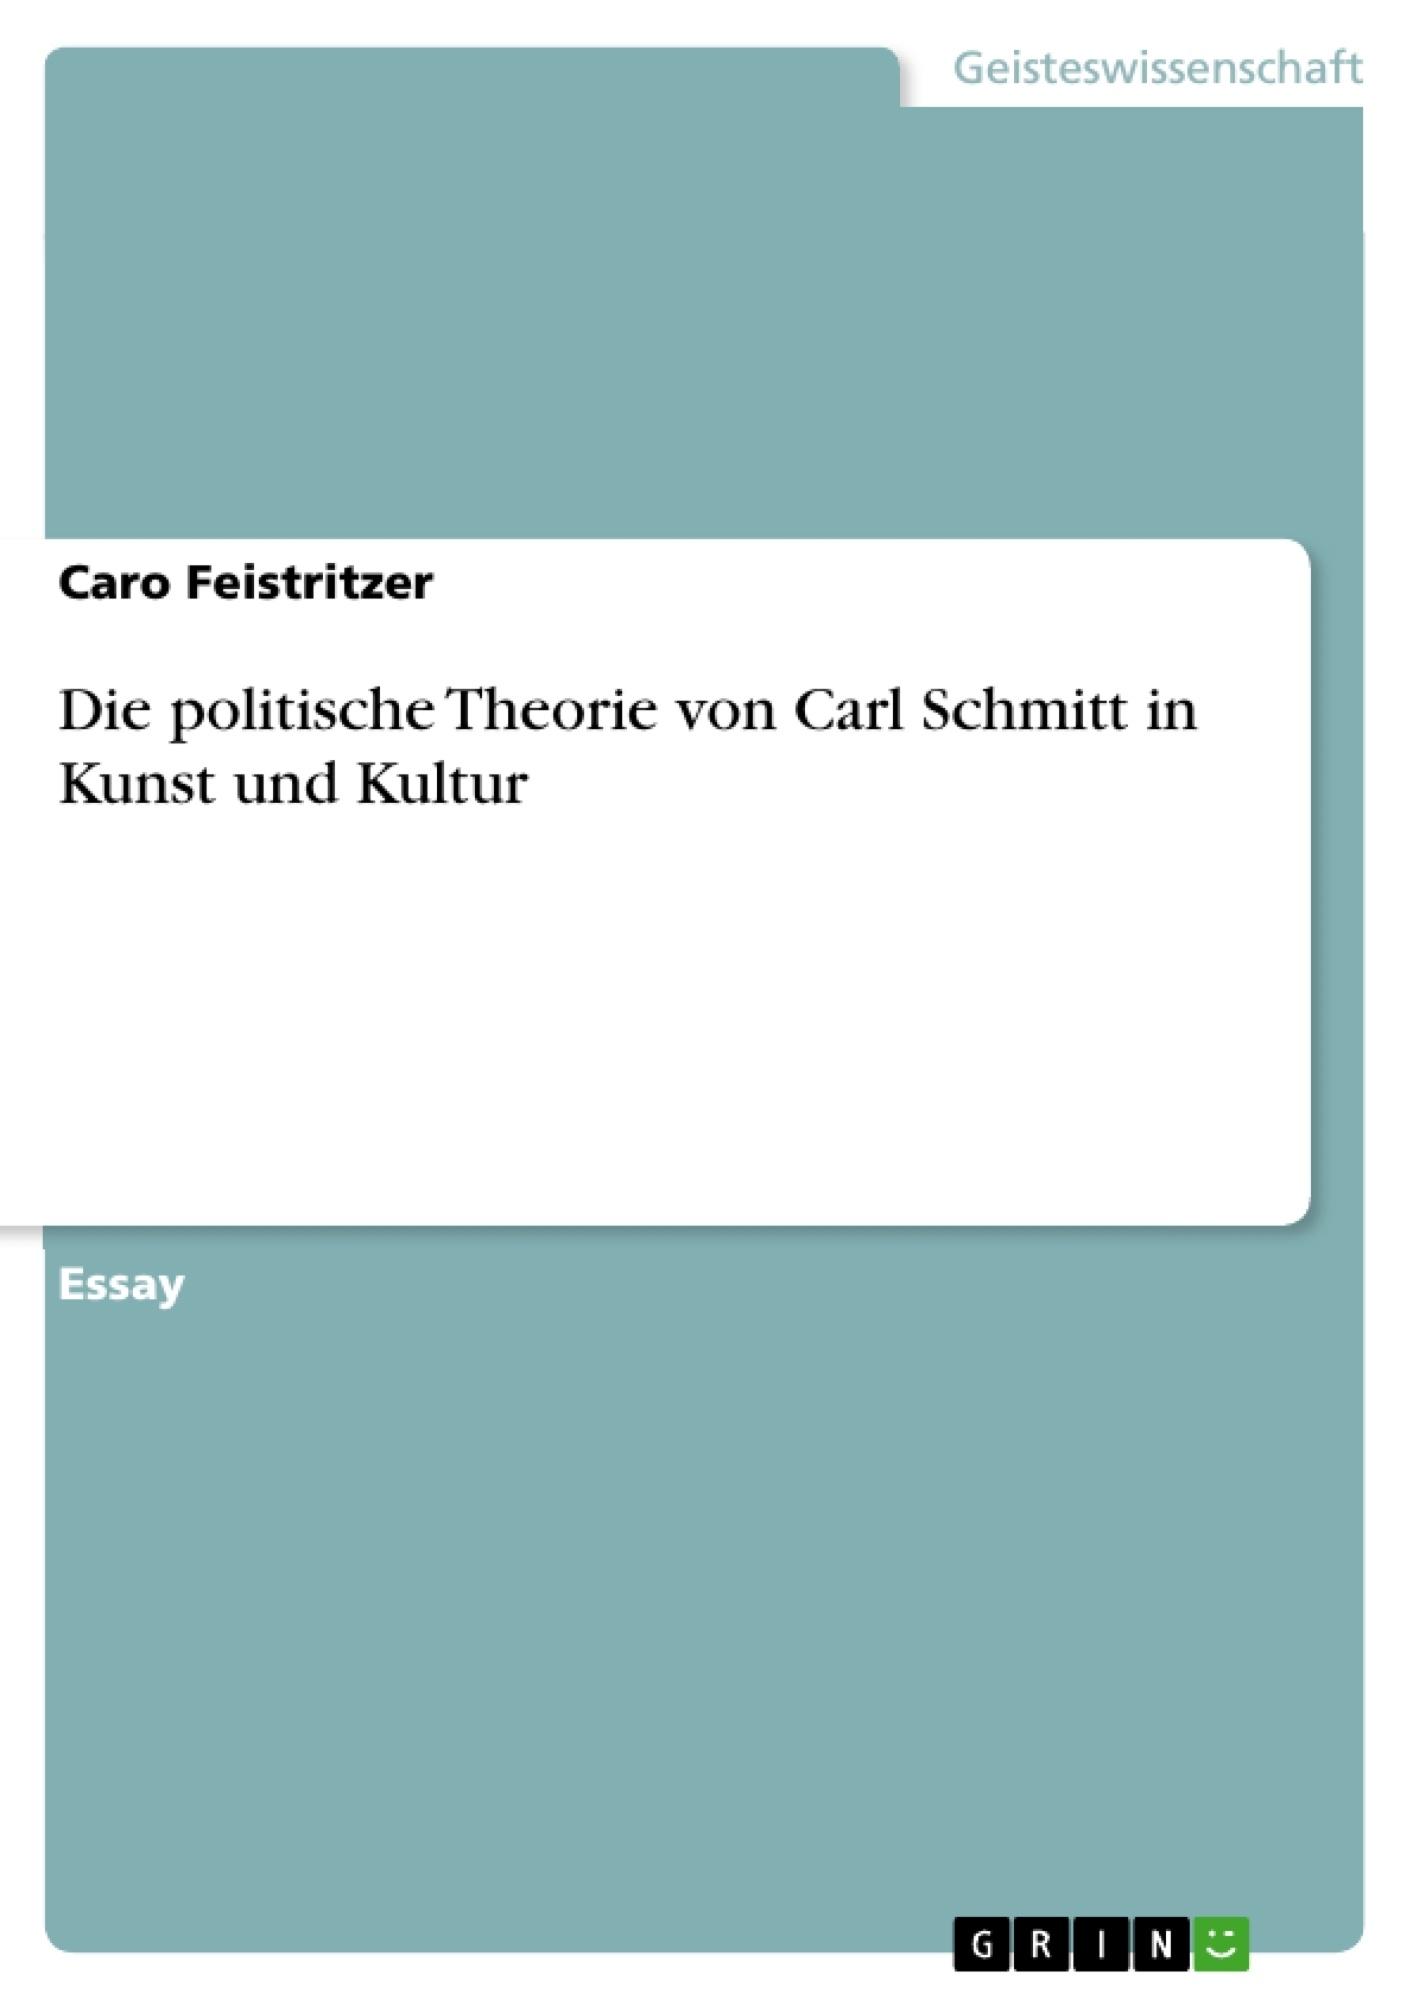 Titel: Die politische Theorie von Carl Schmitt in Kunst und Kultur